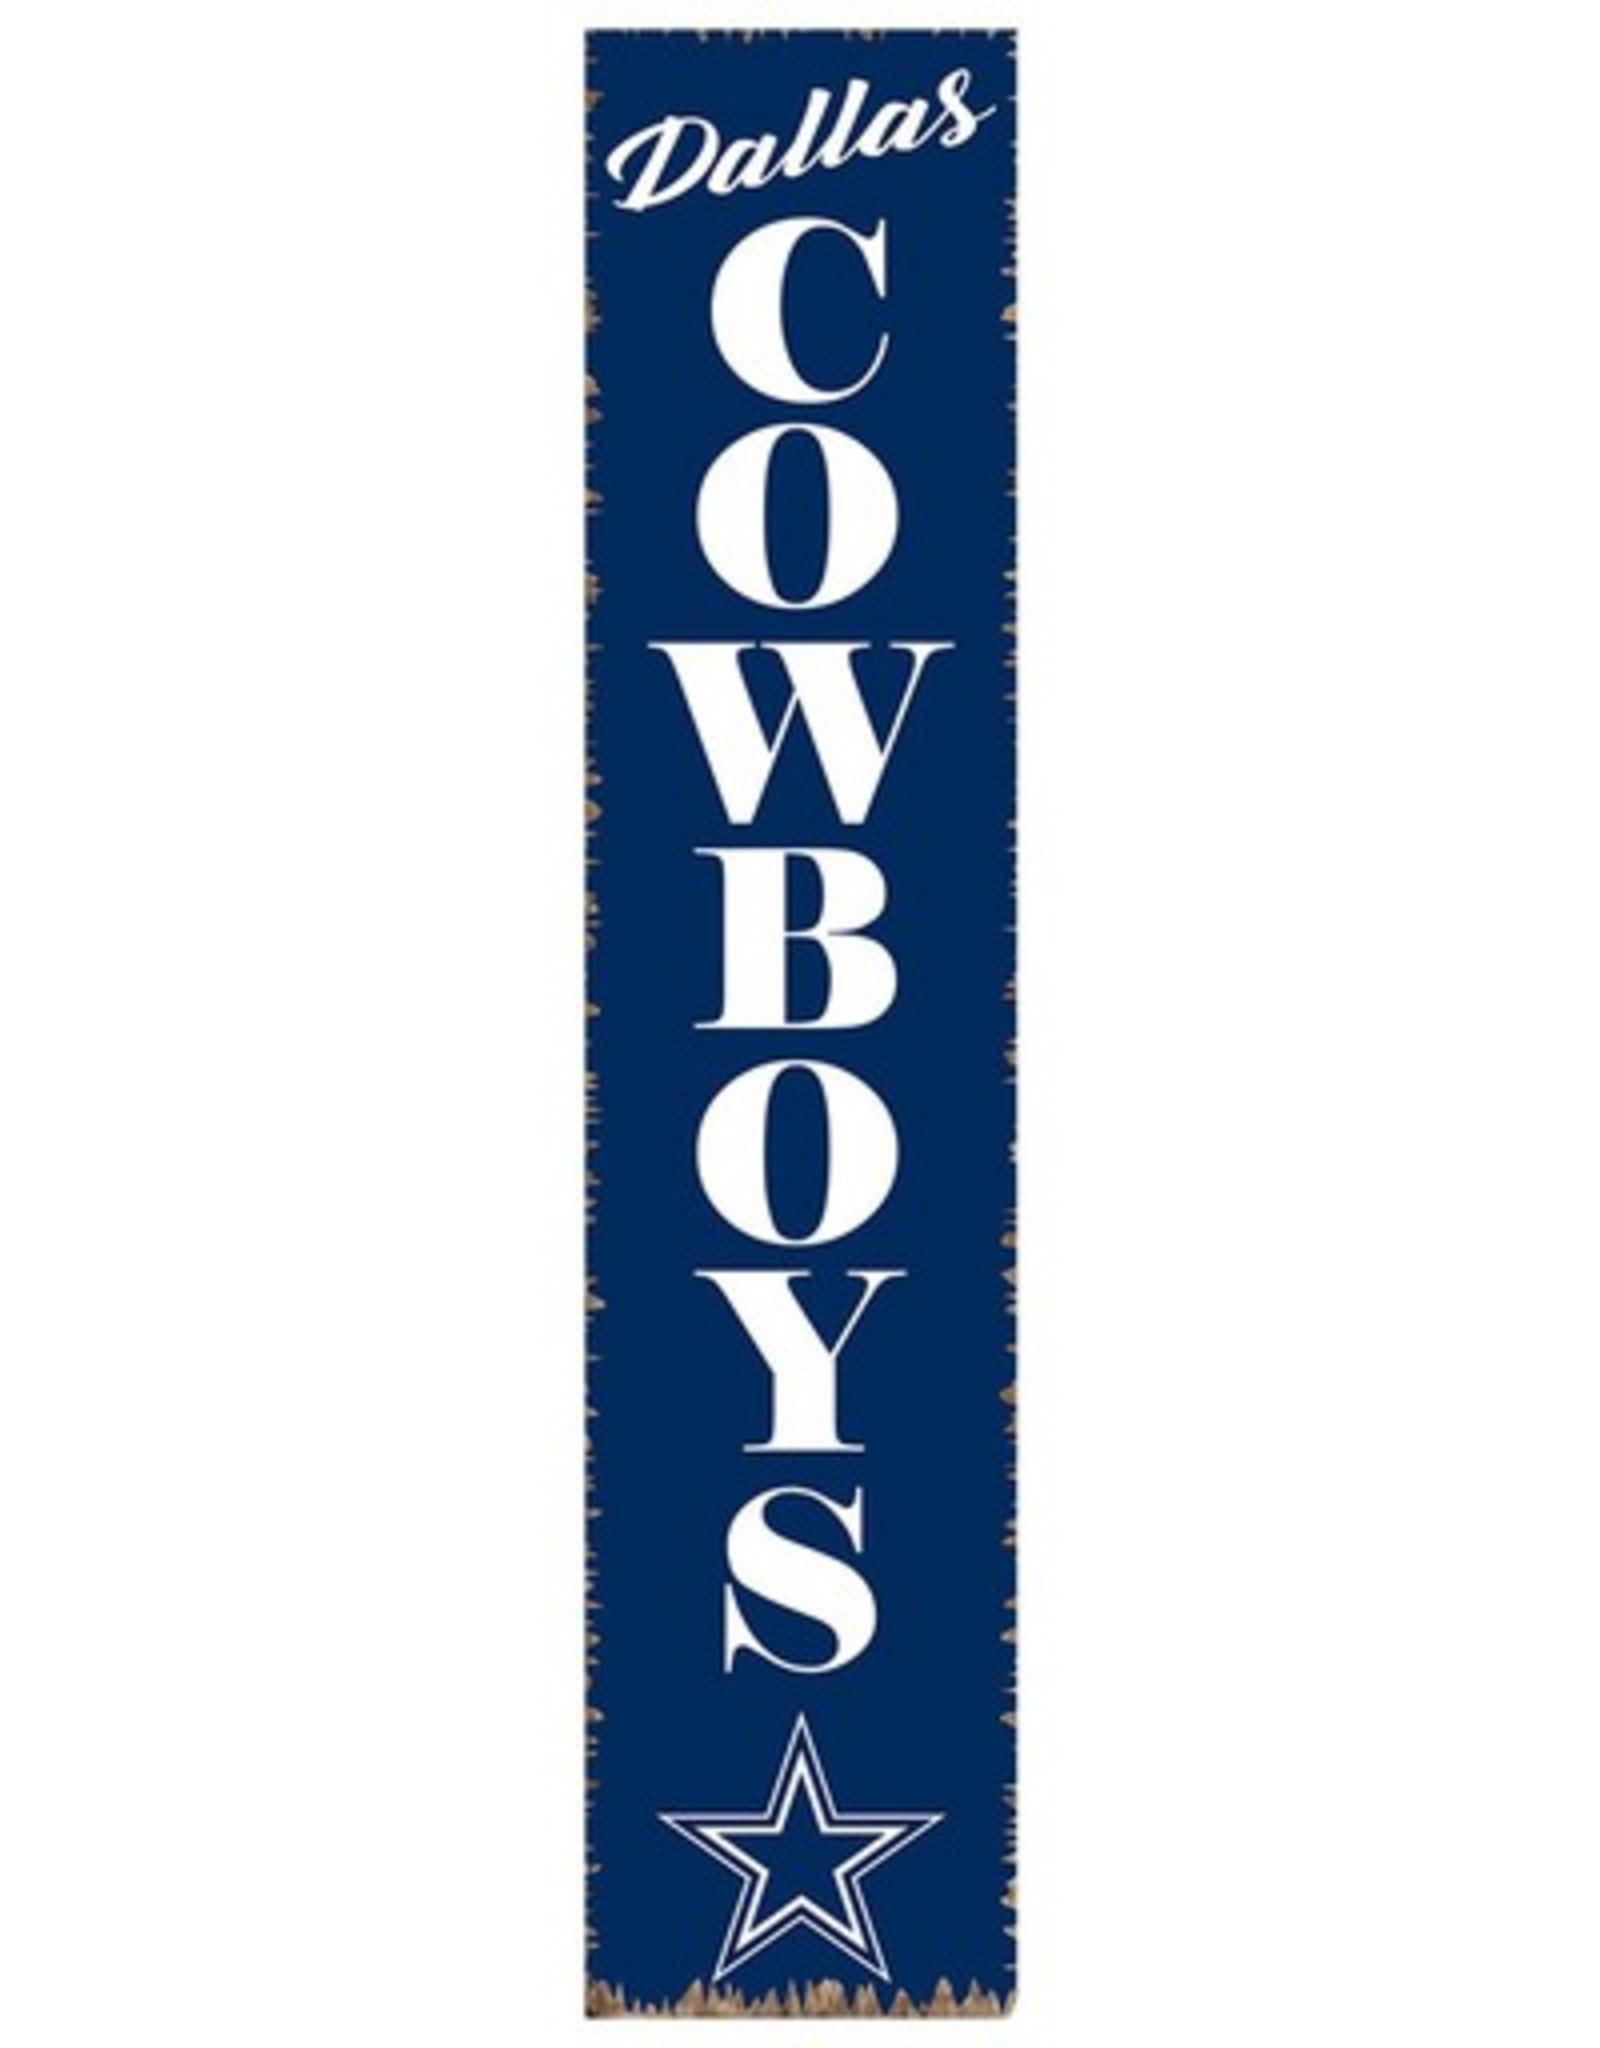 RUSTIC MARLIN Dallas Cowboys Vertical Rustic Sign